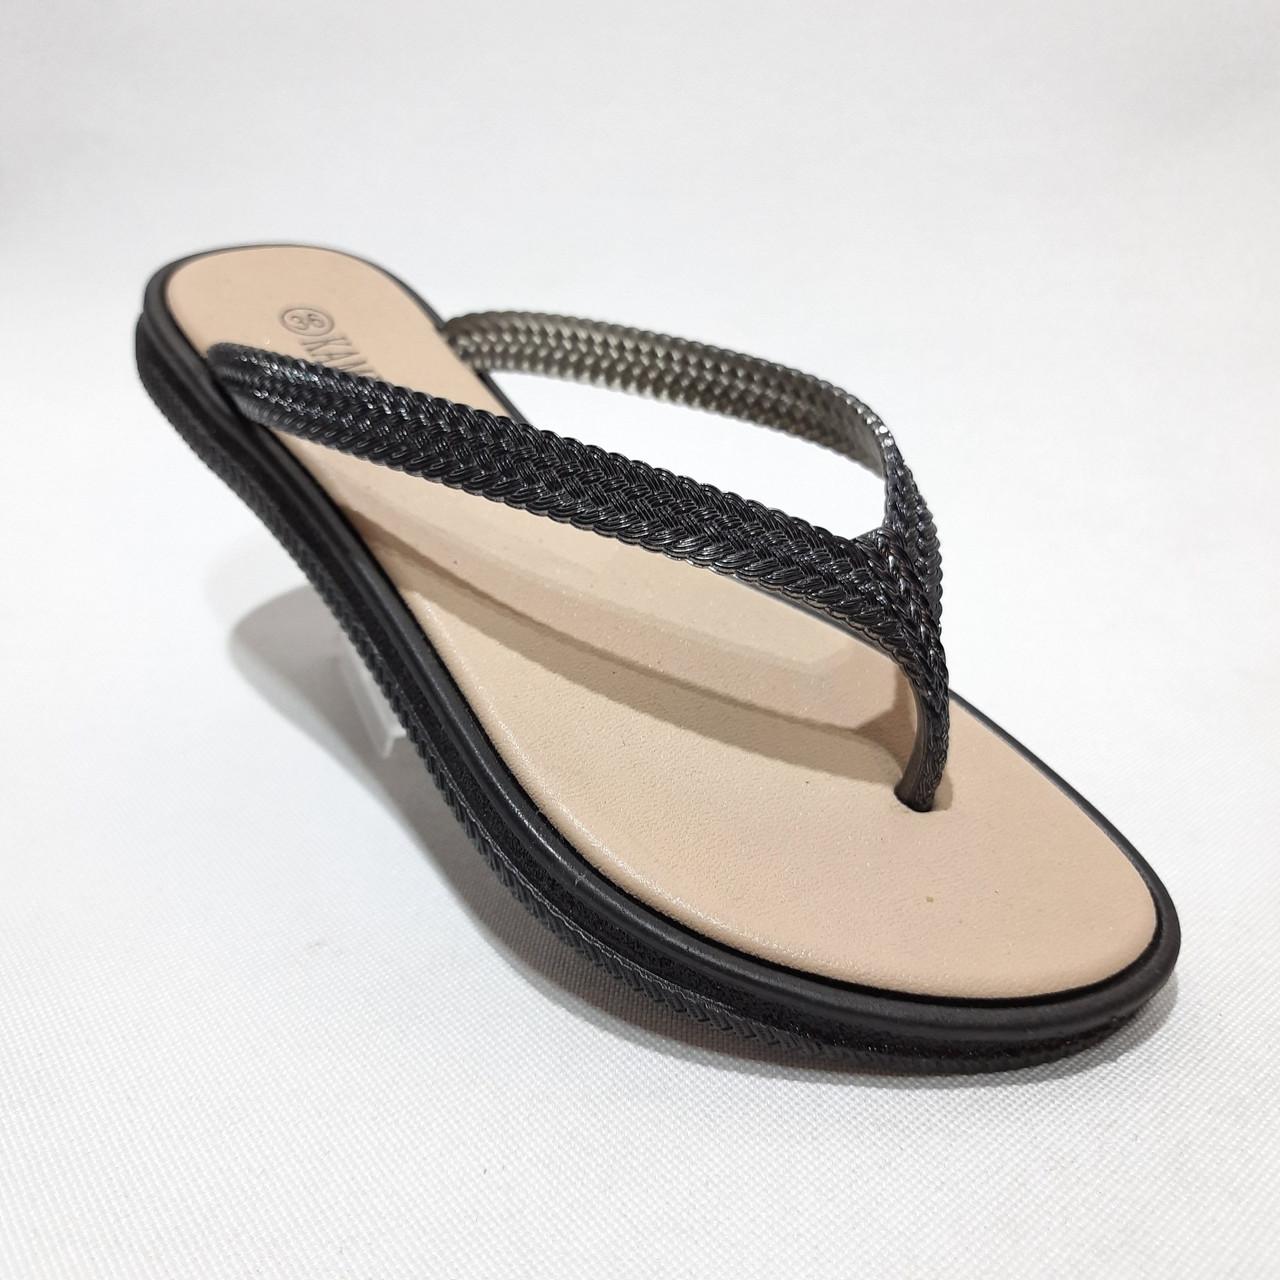 36 р. Шлепанцы женские пляжные, черные летние Последняя пара